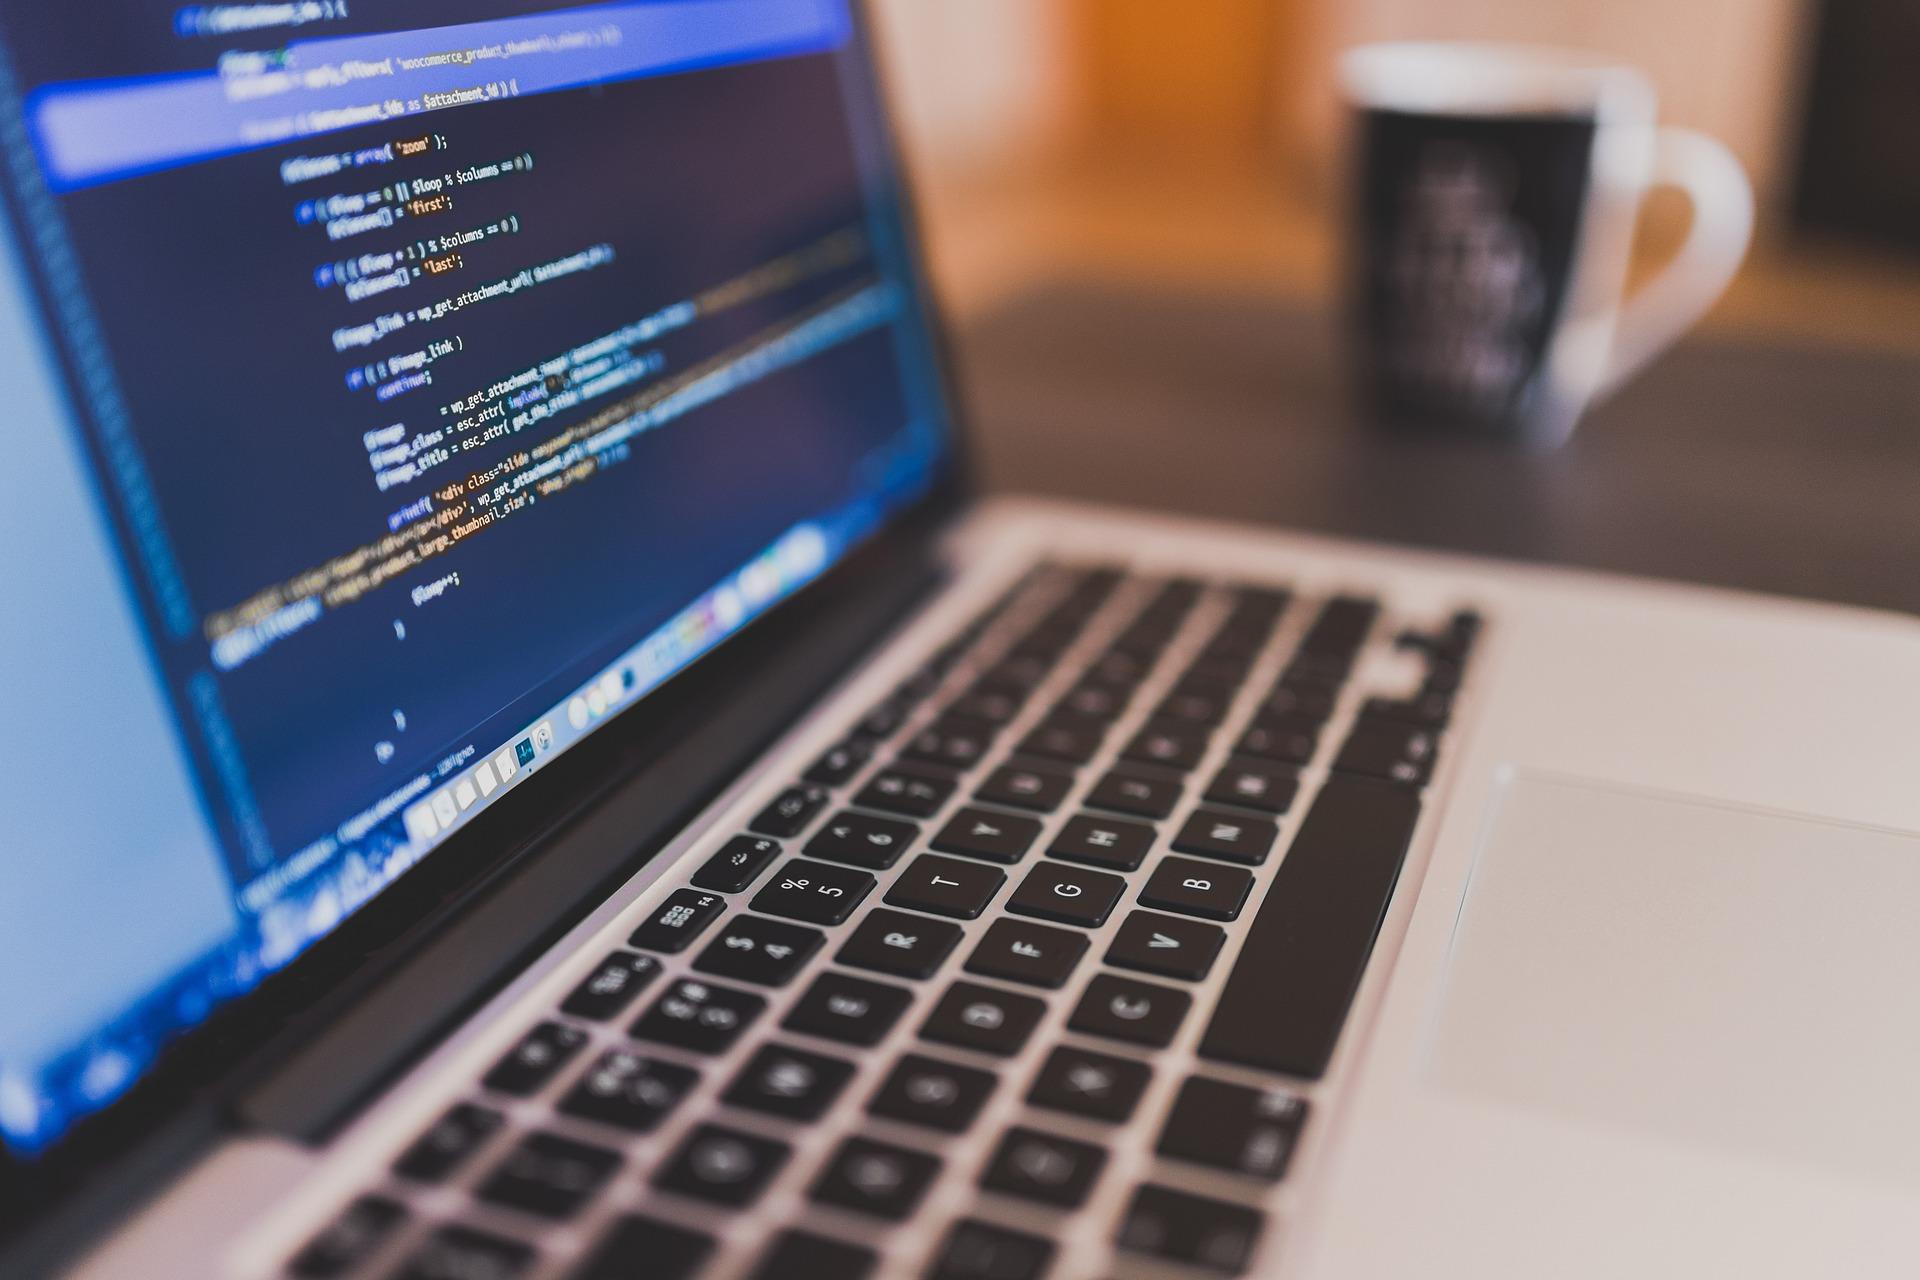 プログラミングを始めたい!初心者・未経験OKのプログラミングスクール比較8選